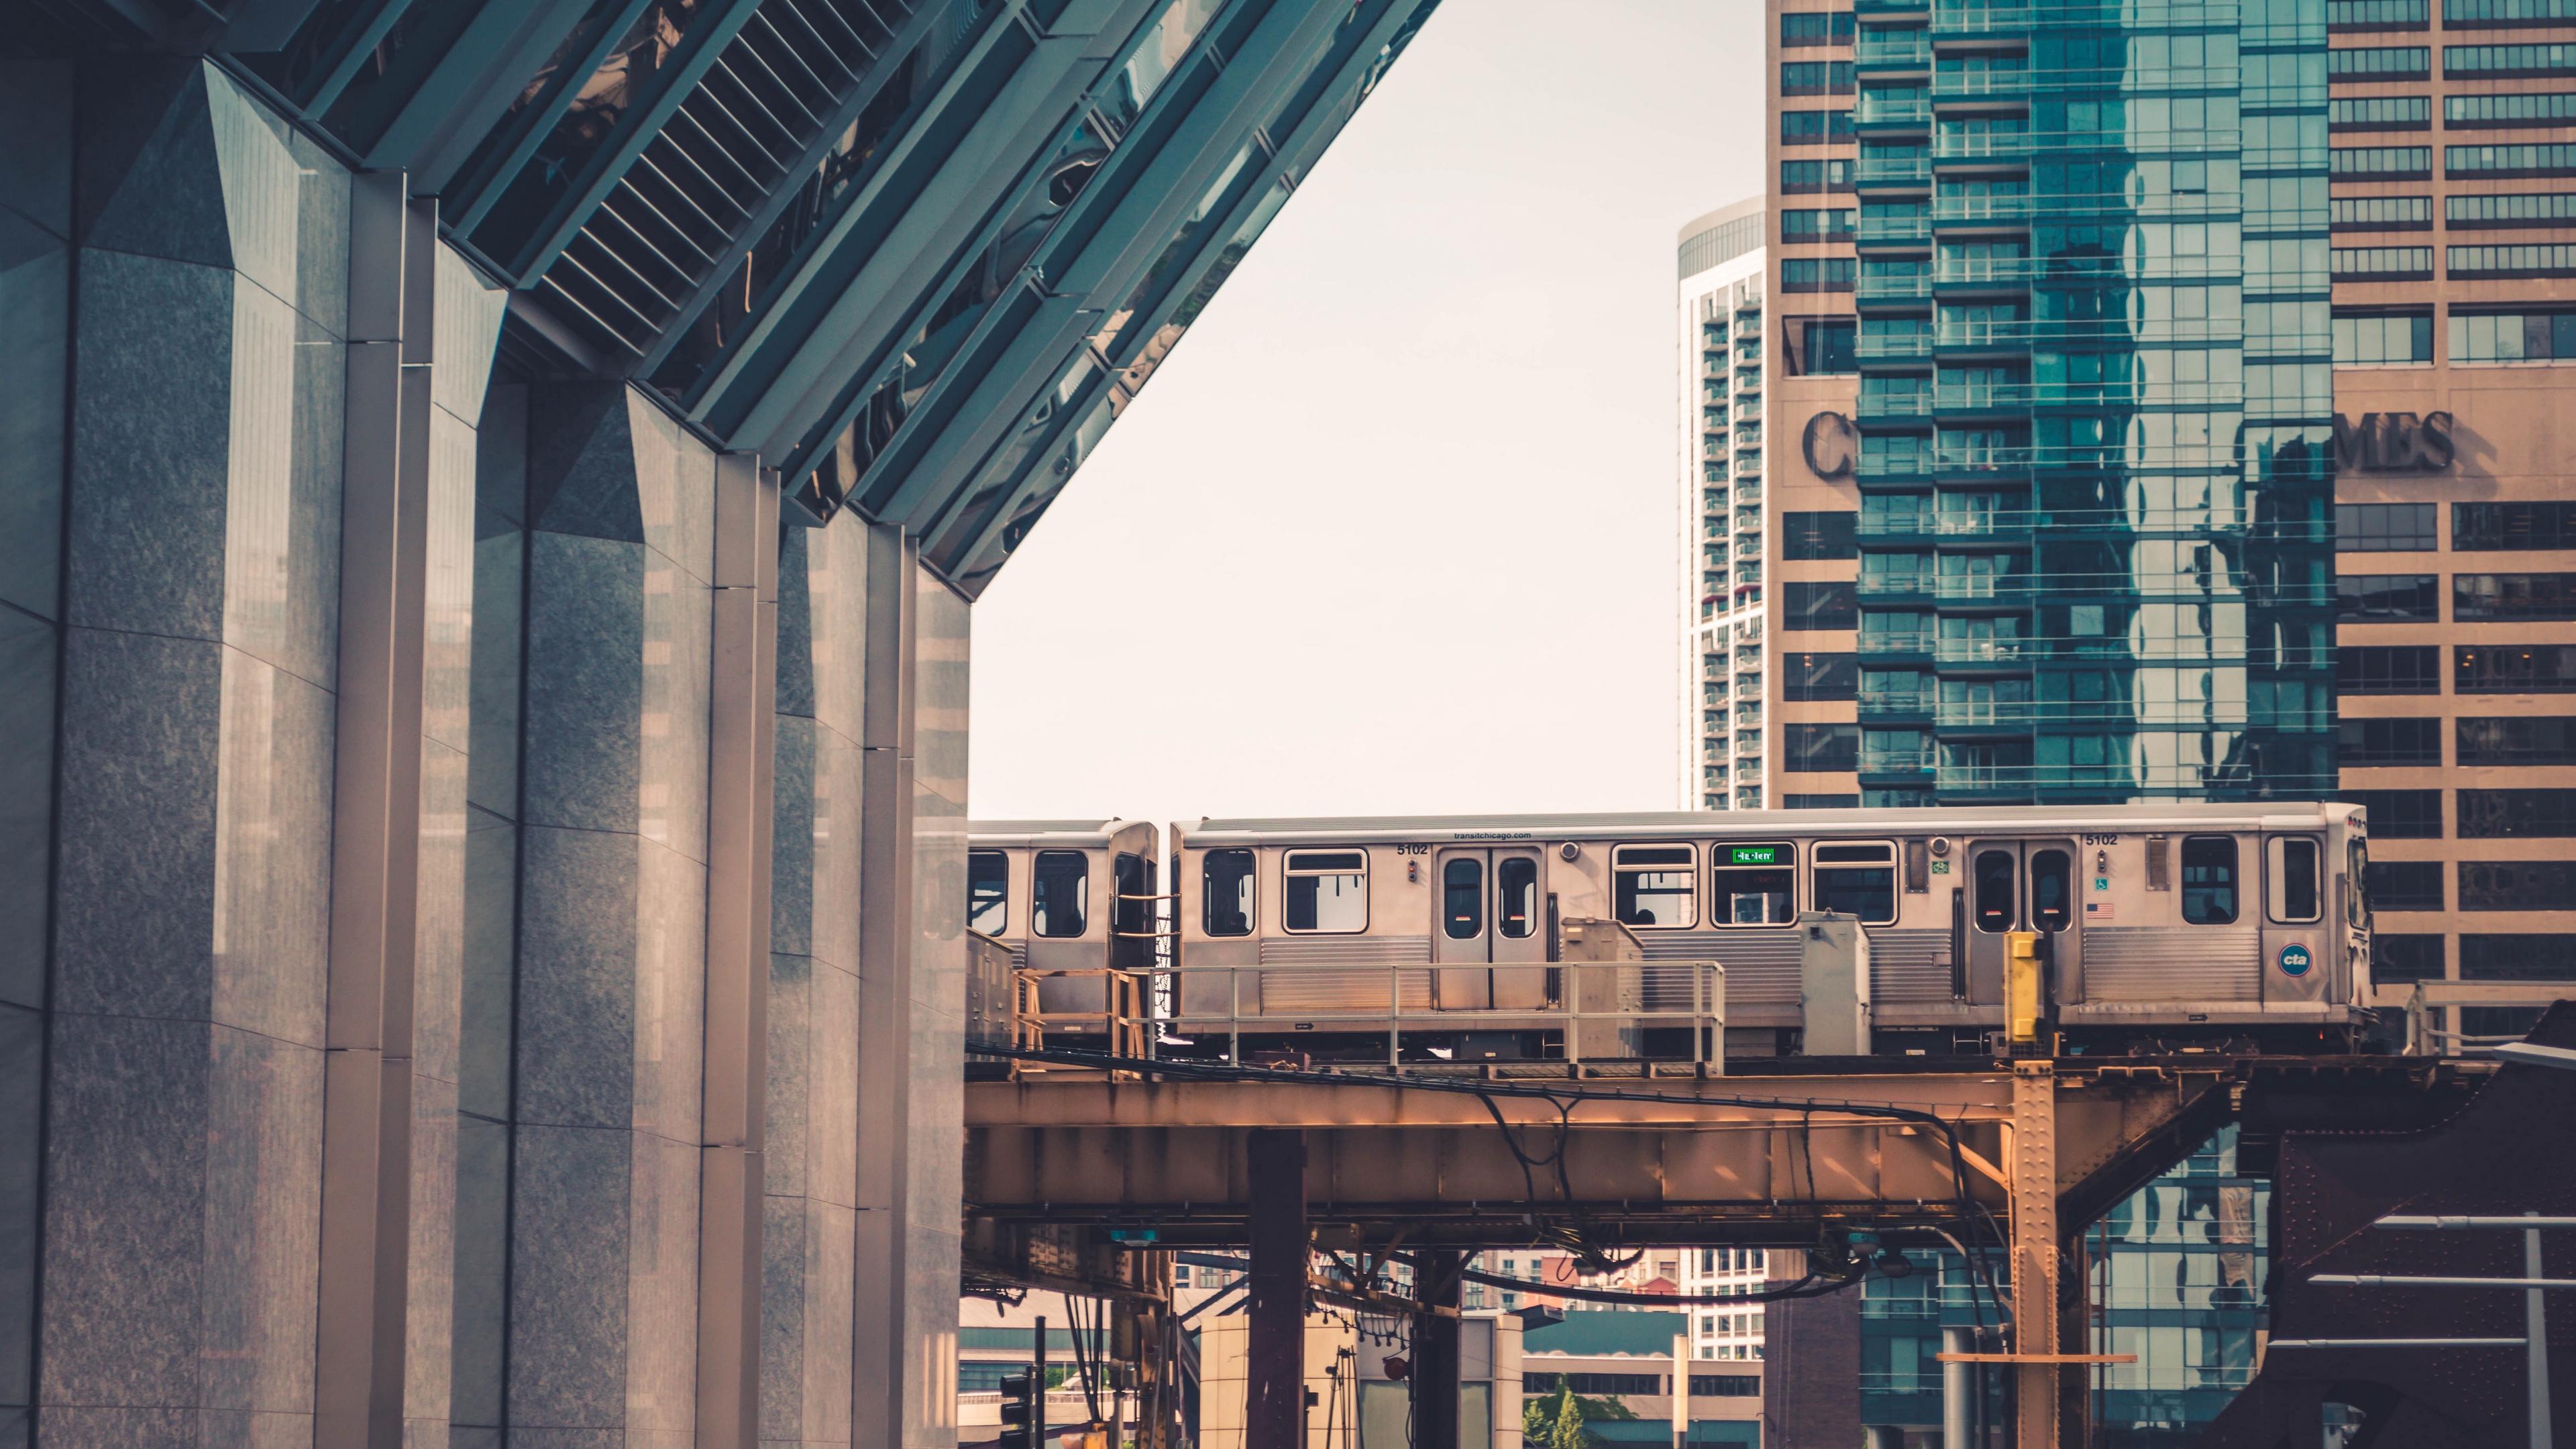 chicago usa train city buildings 4k 1538065060 - chicago, usa, train, city, buildings 4k - USA, Train, Chicago